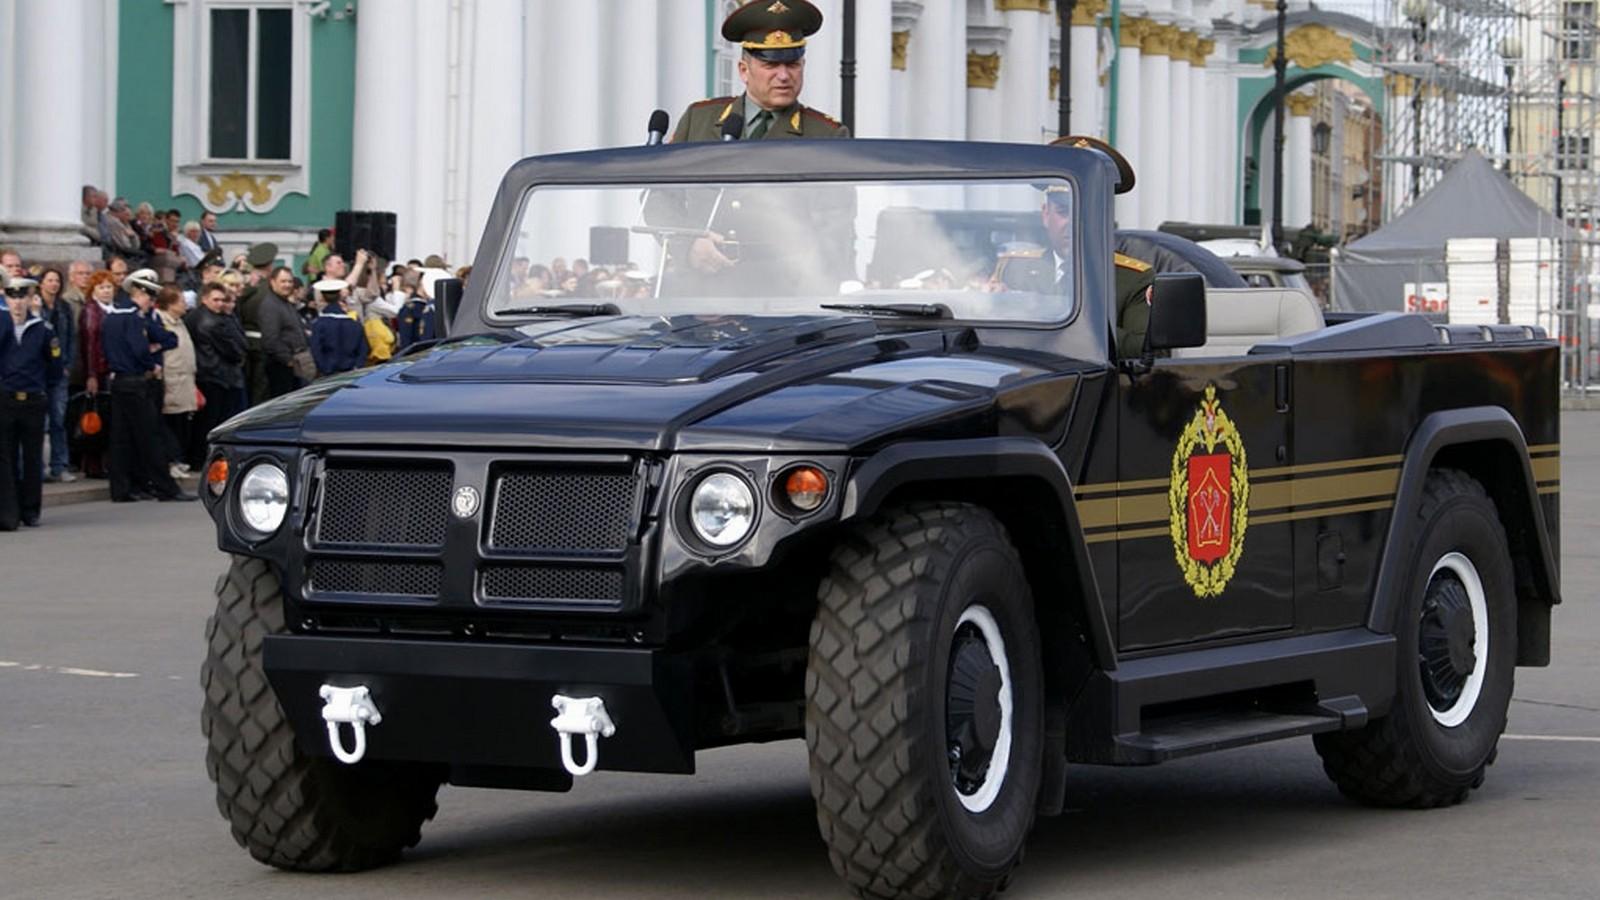 Парадный вариант бронемашины ГАЗ-2330 «Тигр» с американскими агрегатами